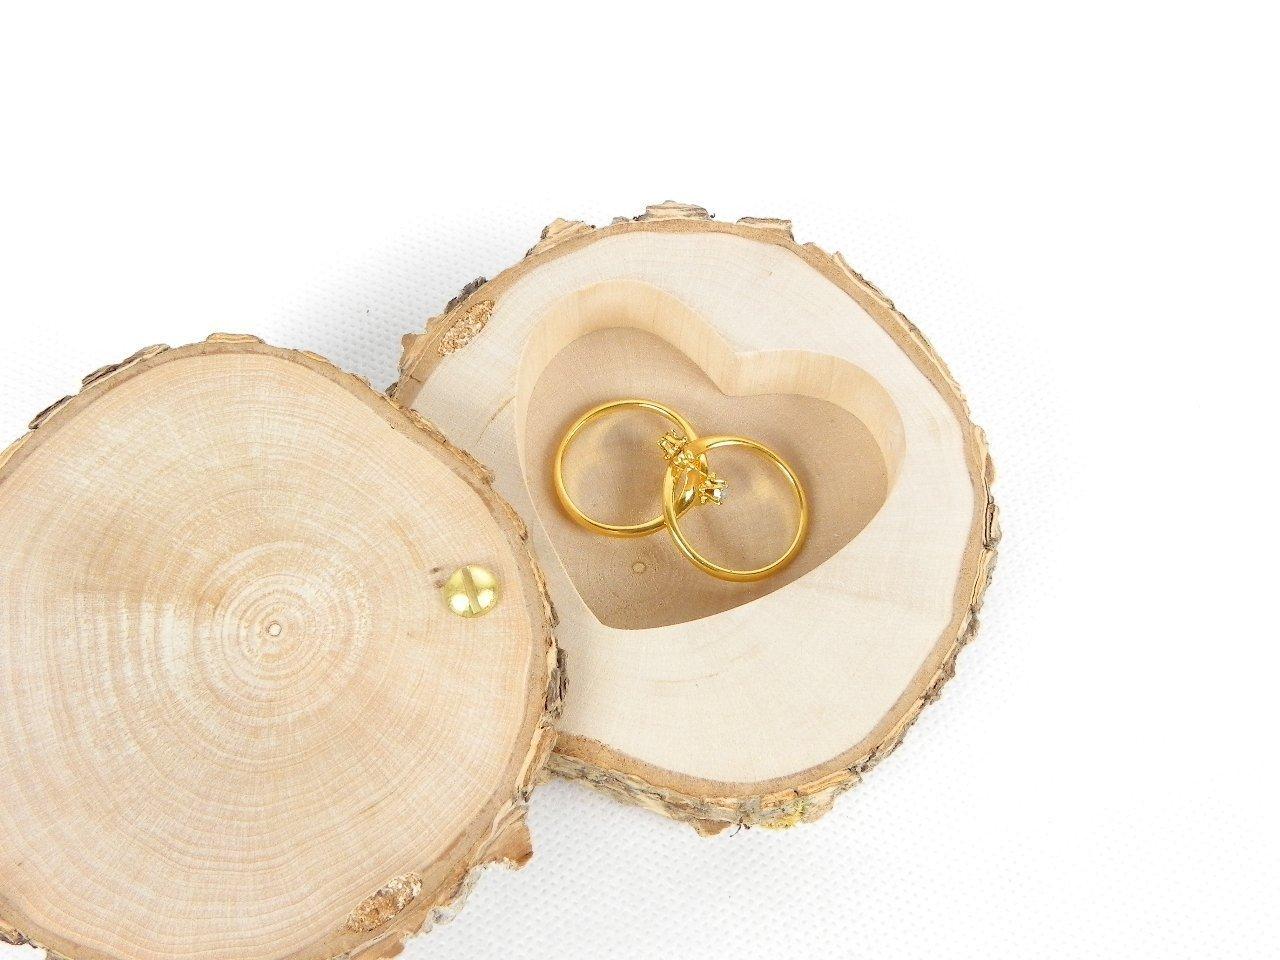 Porte alliances rustique en bois bo/îte /à alliances personnalis/ée fait main dans une tranche de bois pour mariage sur le th/ème nature champ/être